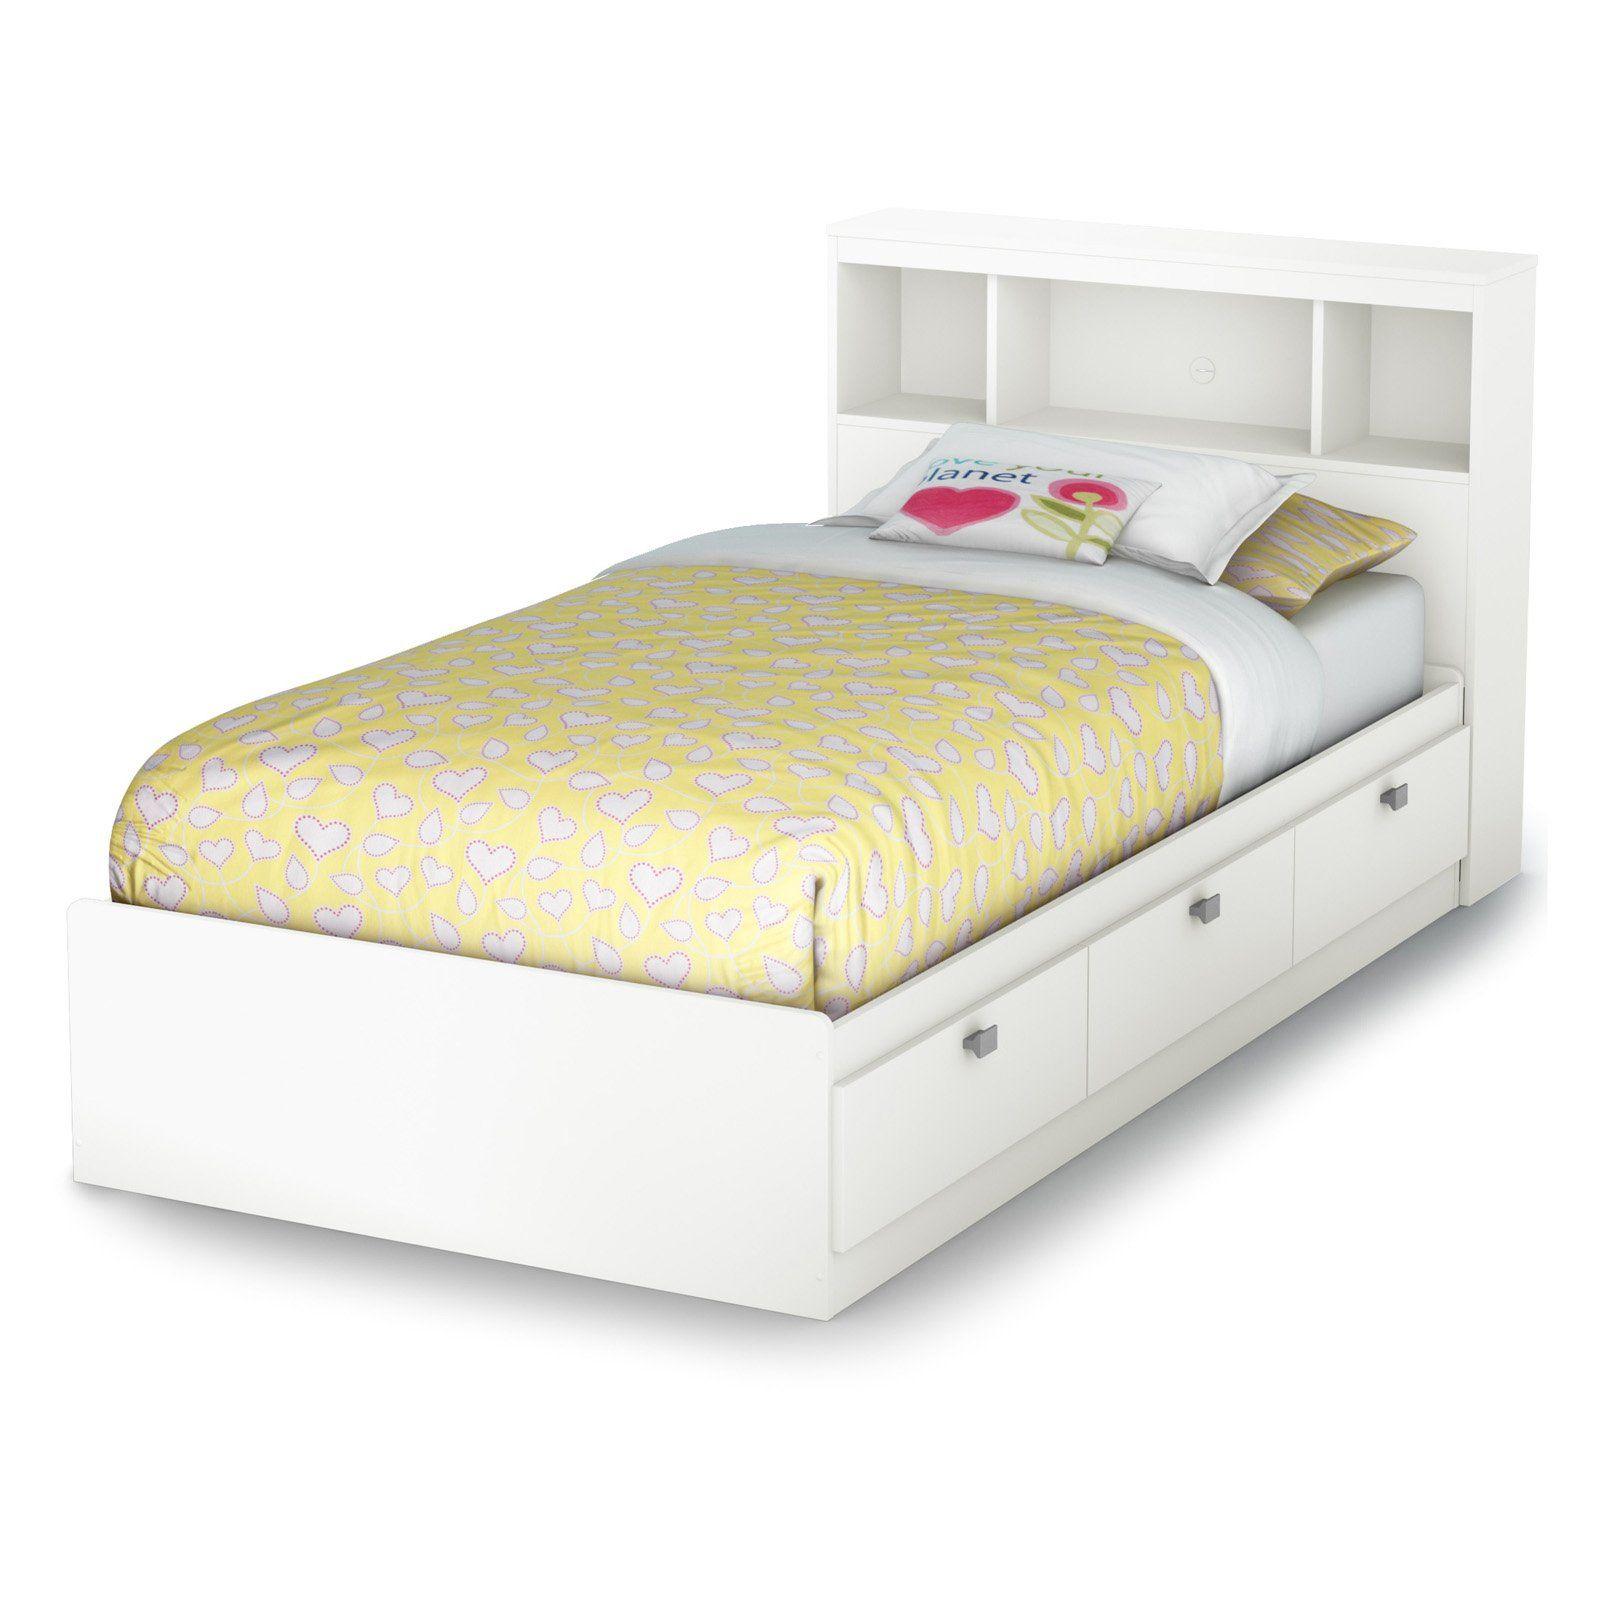 Exceptionnel $249 Sparkling Bookcase Storage Platform Bed   Kids Beds At Kids Furniture  Mart